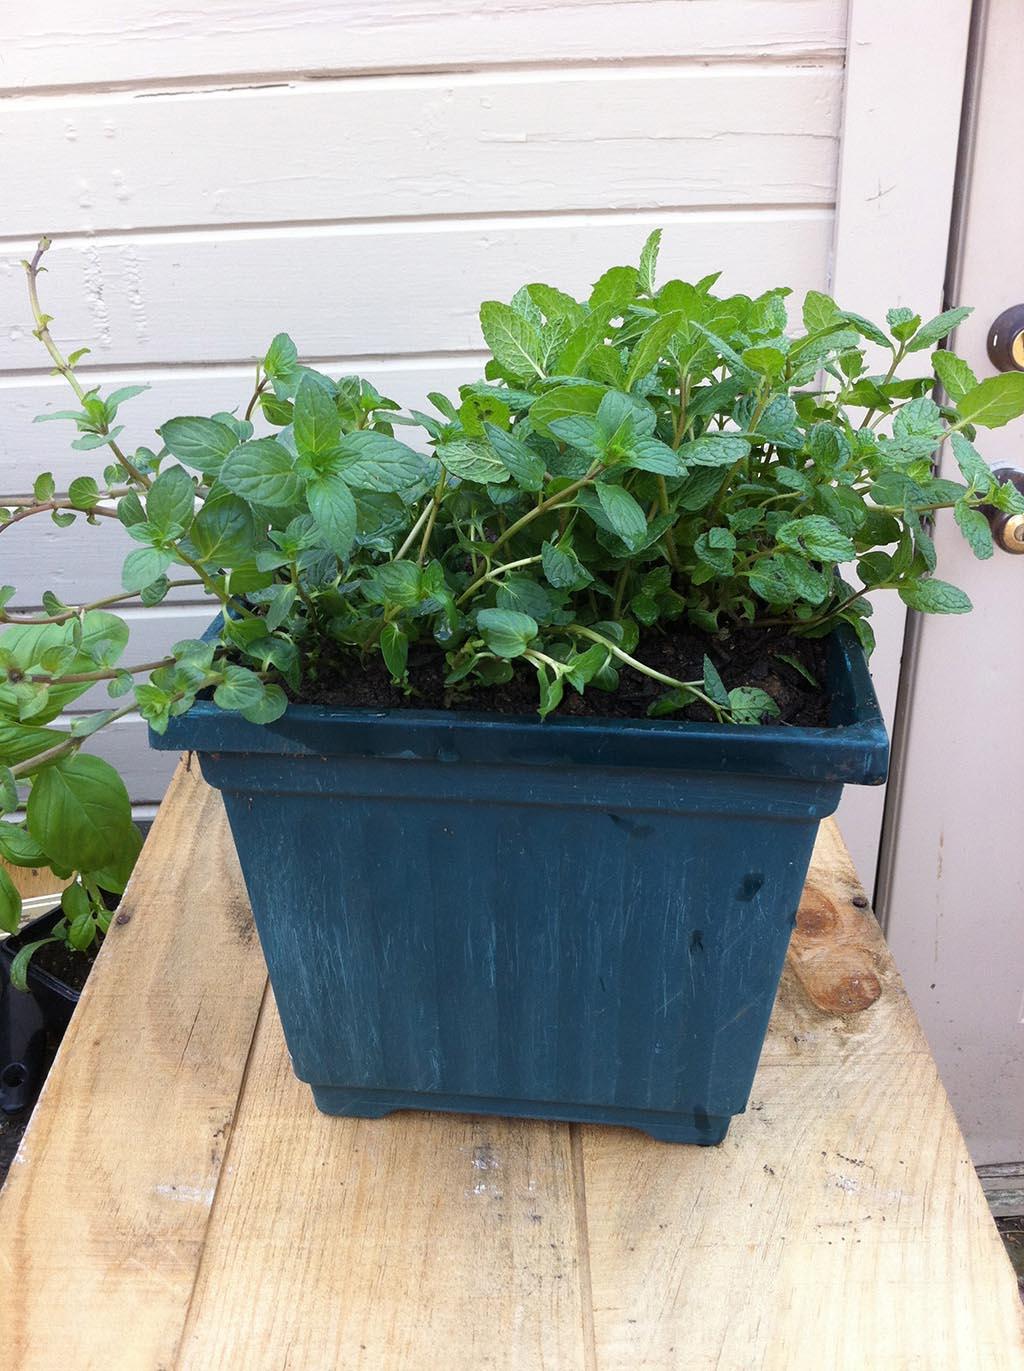 Making an Herb Garden Box